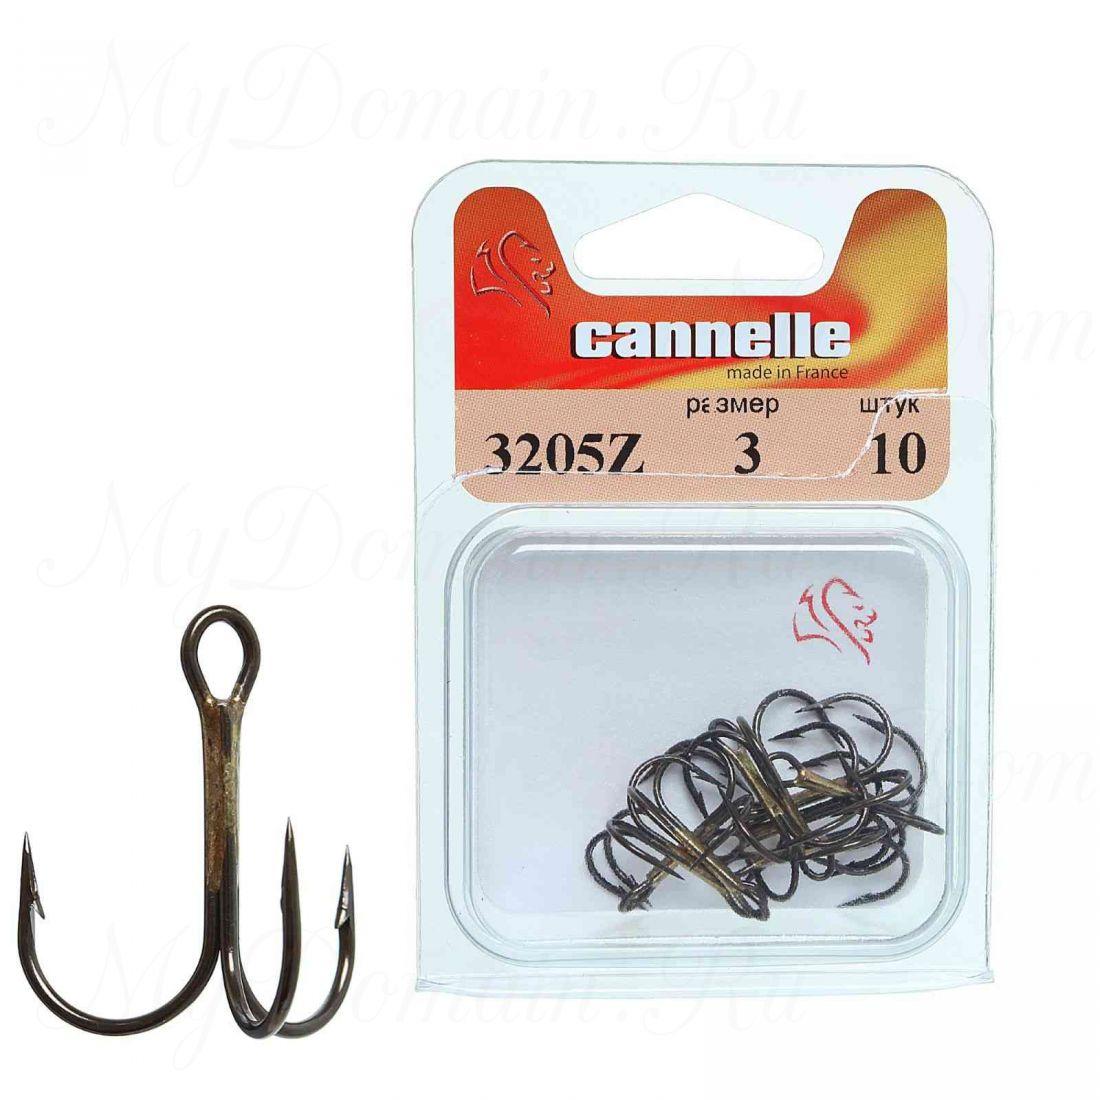 Тройник Cannelle 3205 N № 4/0 уп. 100 шт. (никель,круглый поддев,стандартный тройник,средняя проволока)